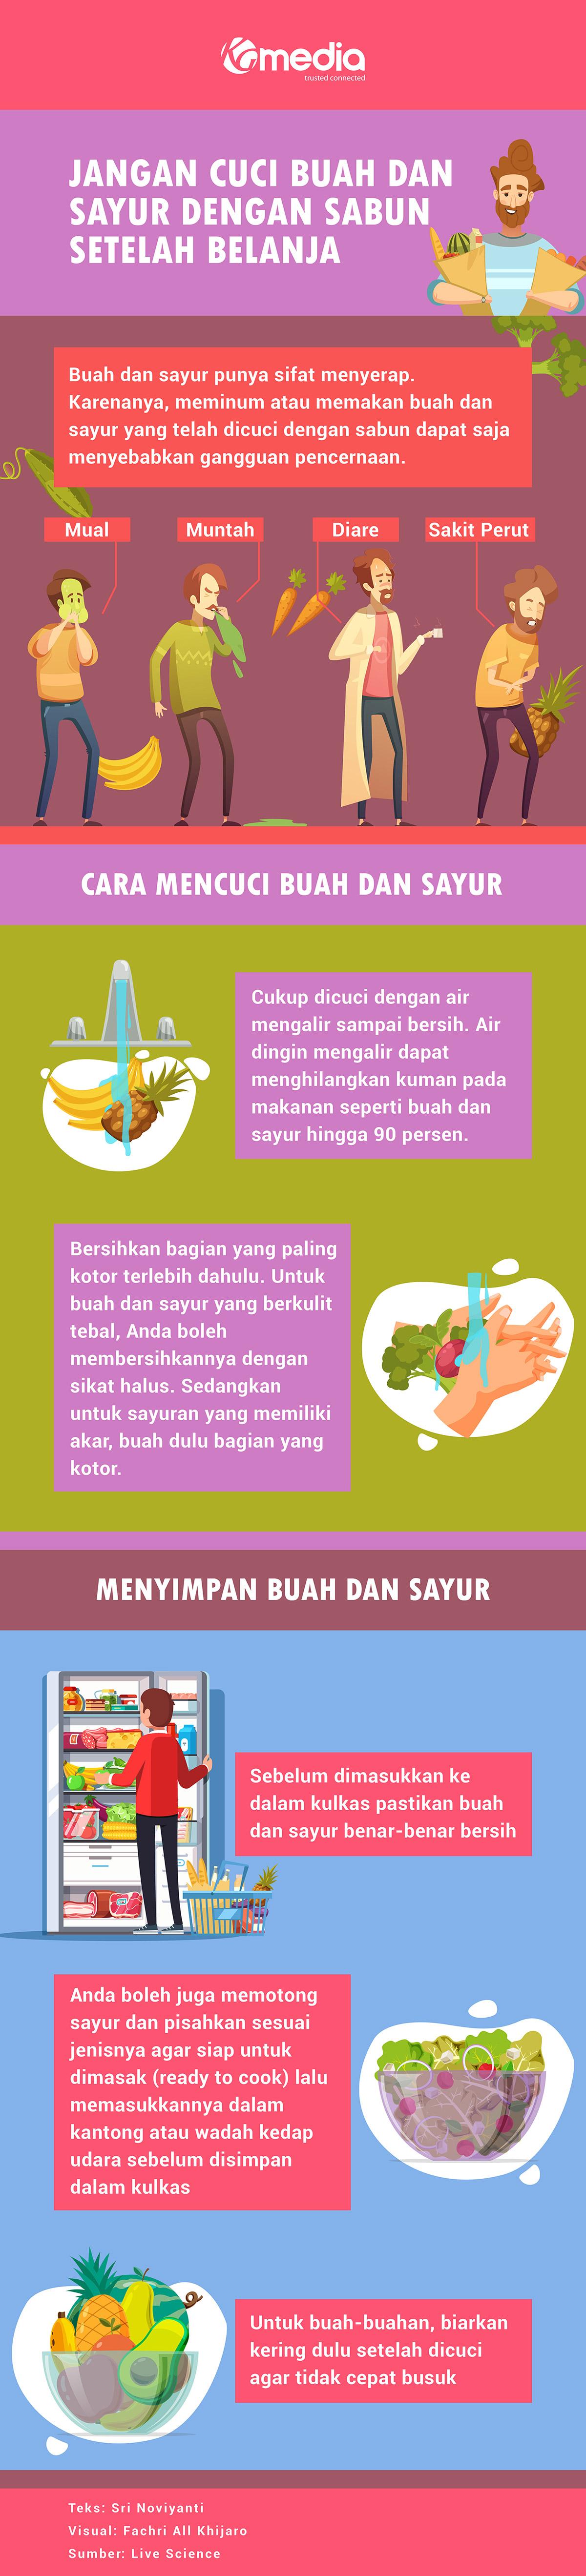 Jangan Cuci Buah dan Sayur dengan Sabun Setelah Belanja